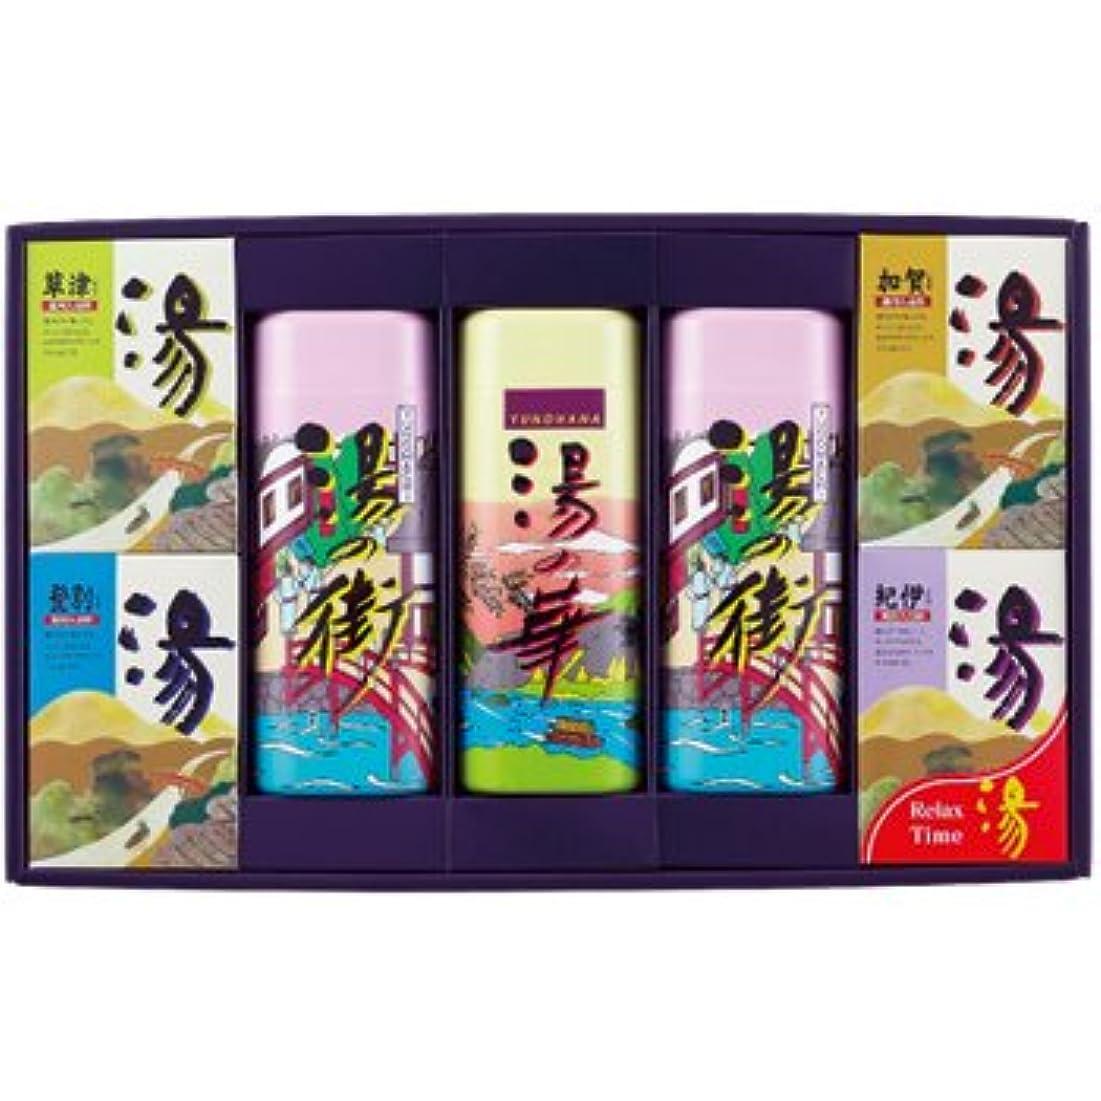 ボリュームジム愛人北陸化成 薬用入浴剤 湯 HK-50